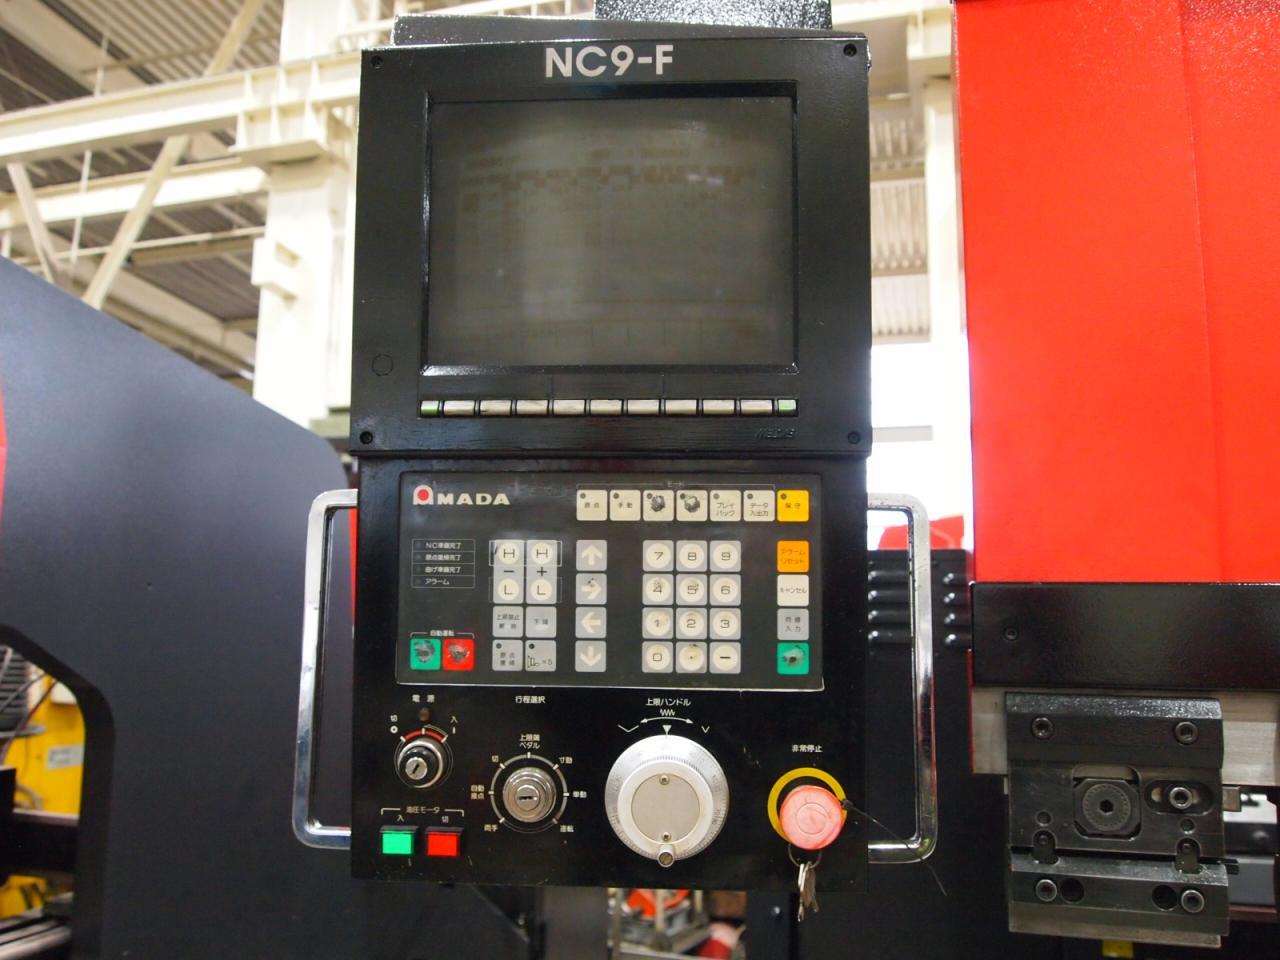 NC9-F